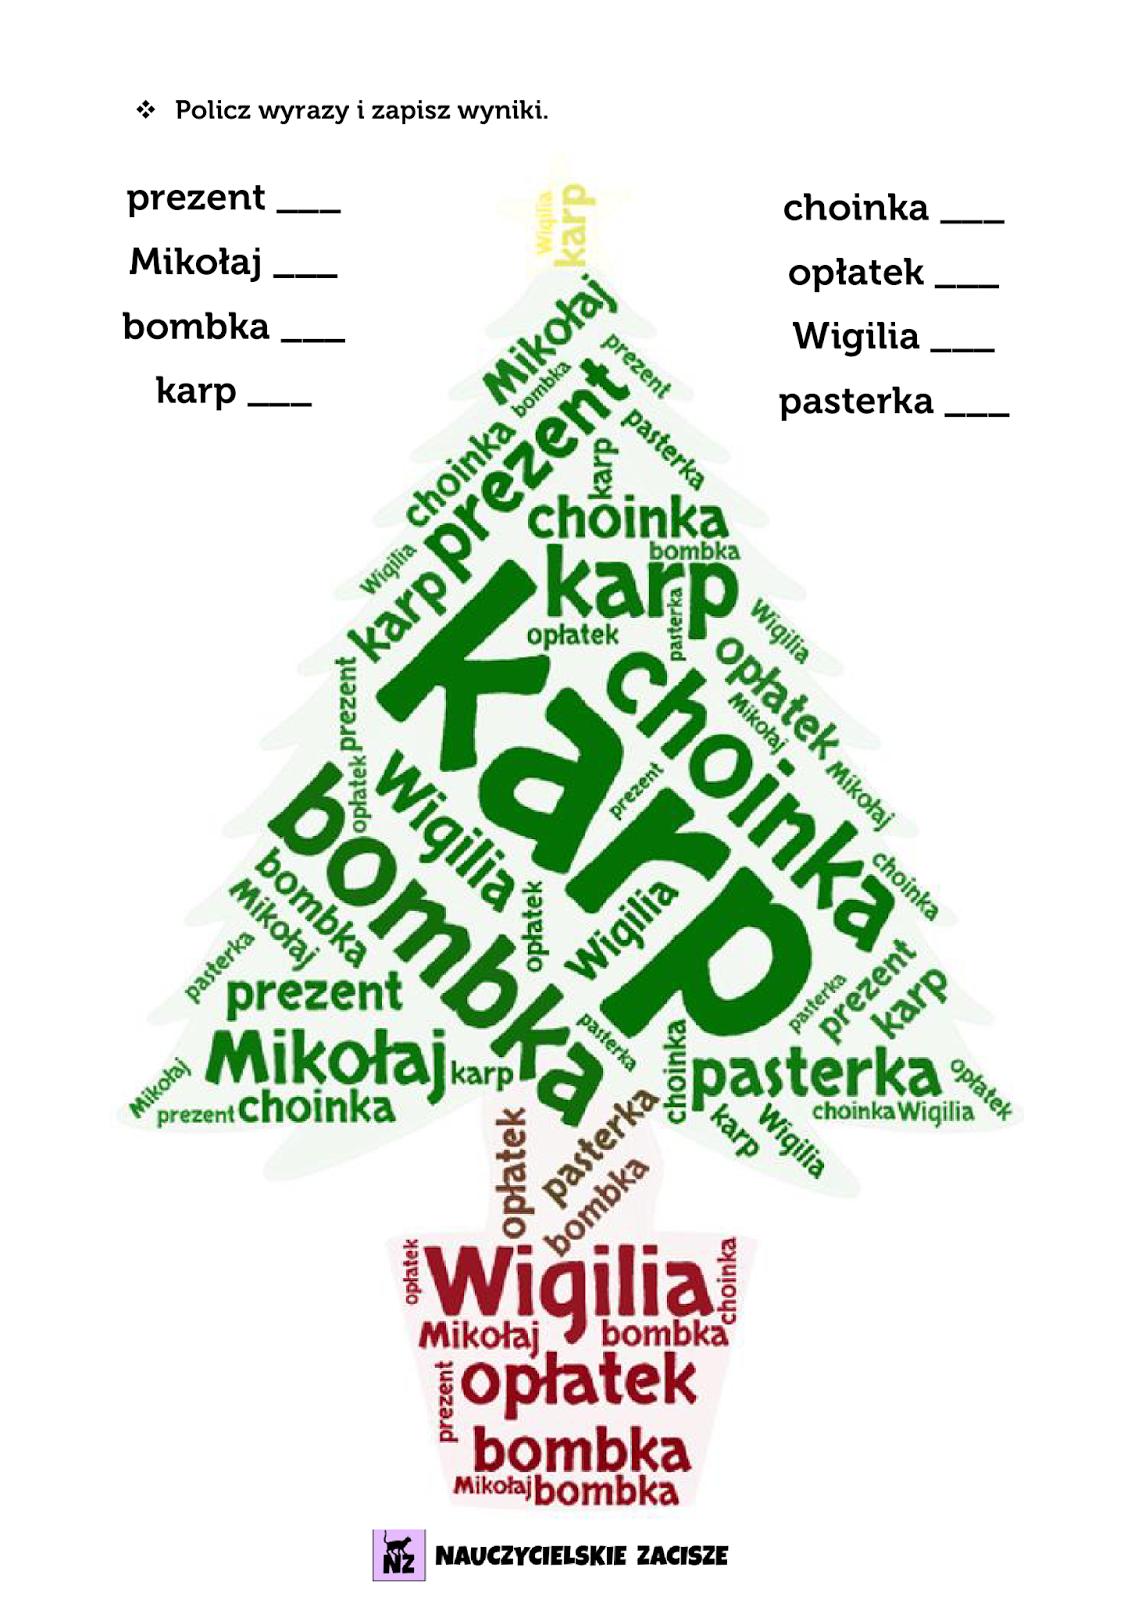 Nauczycielskie Zacisze Swiateczne Materialy Do Pobrania Holidays And Events Education Christmas Tree Ornaments